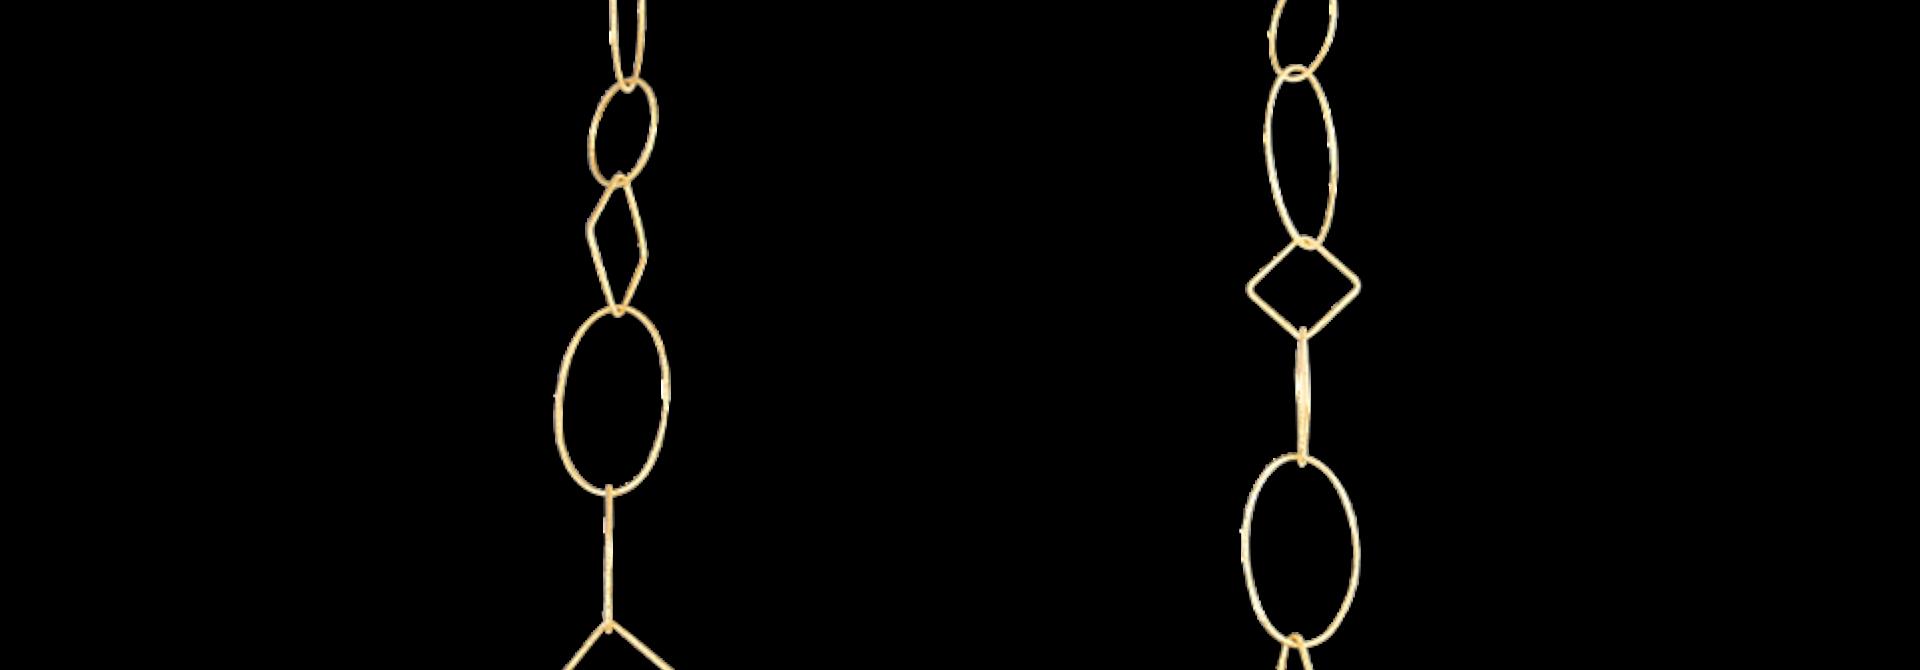 18k Gold Link Necklace